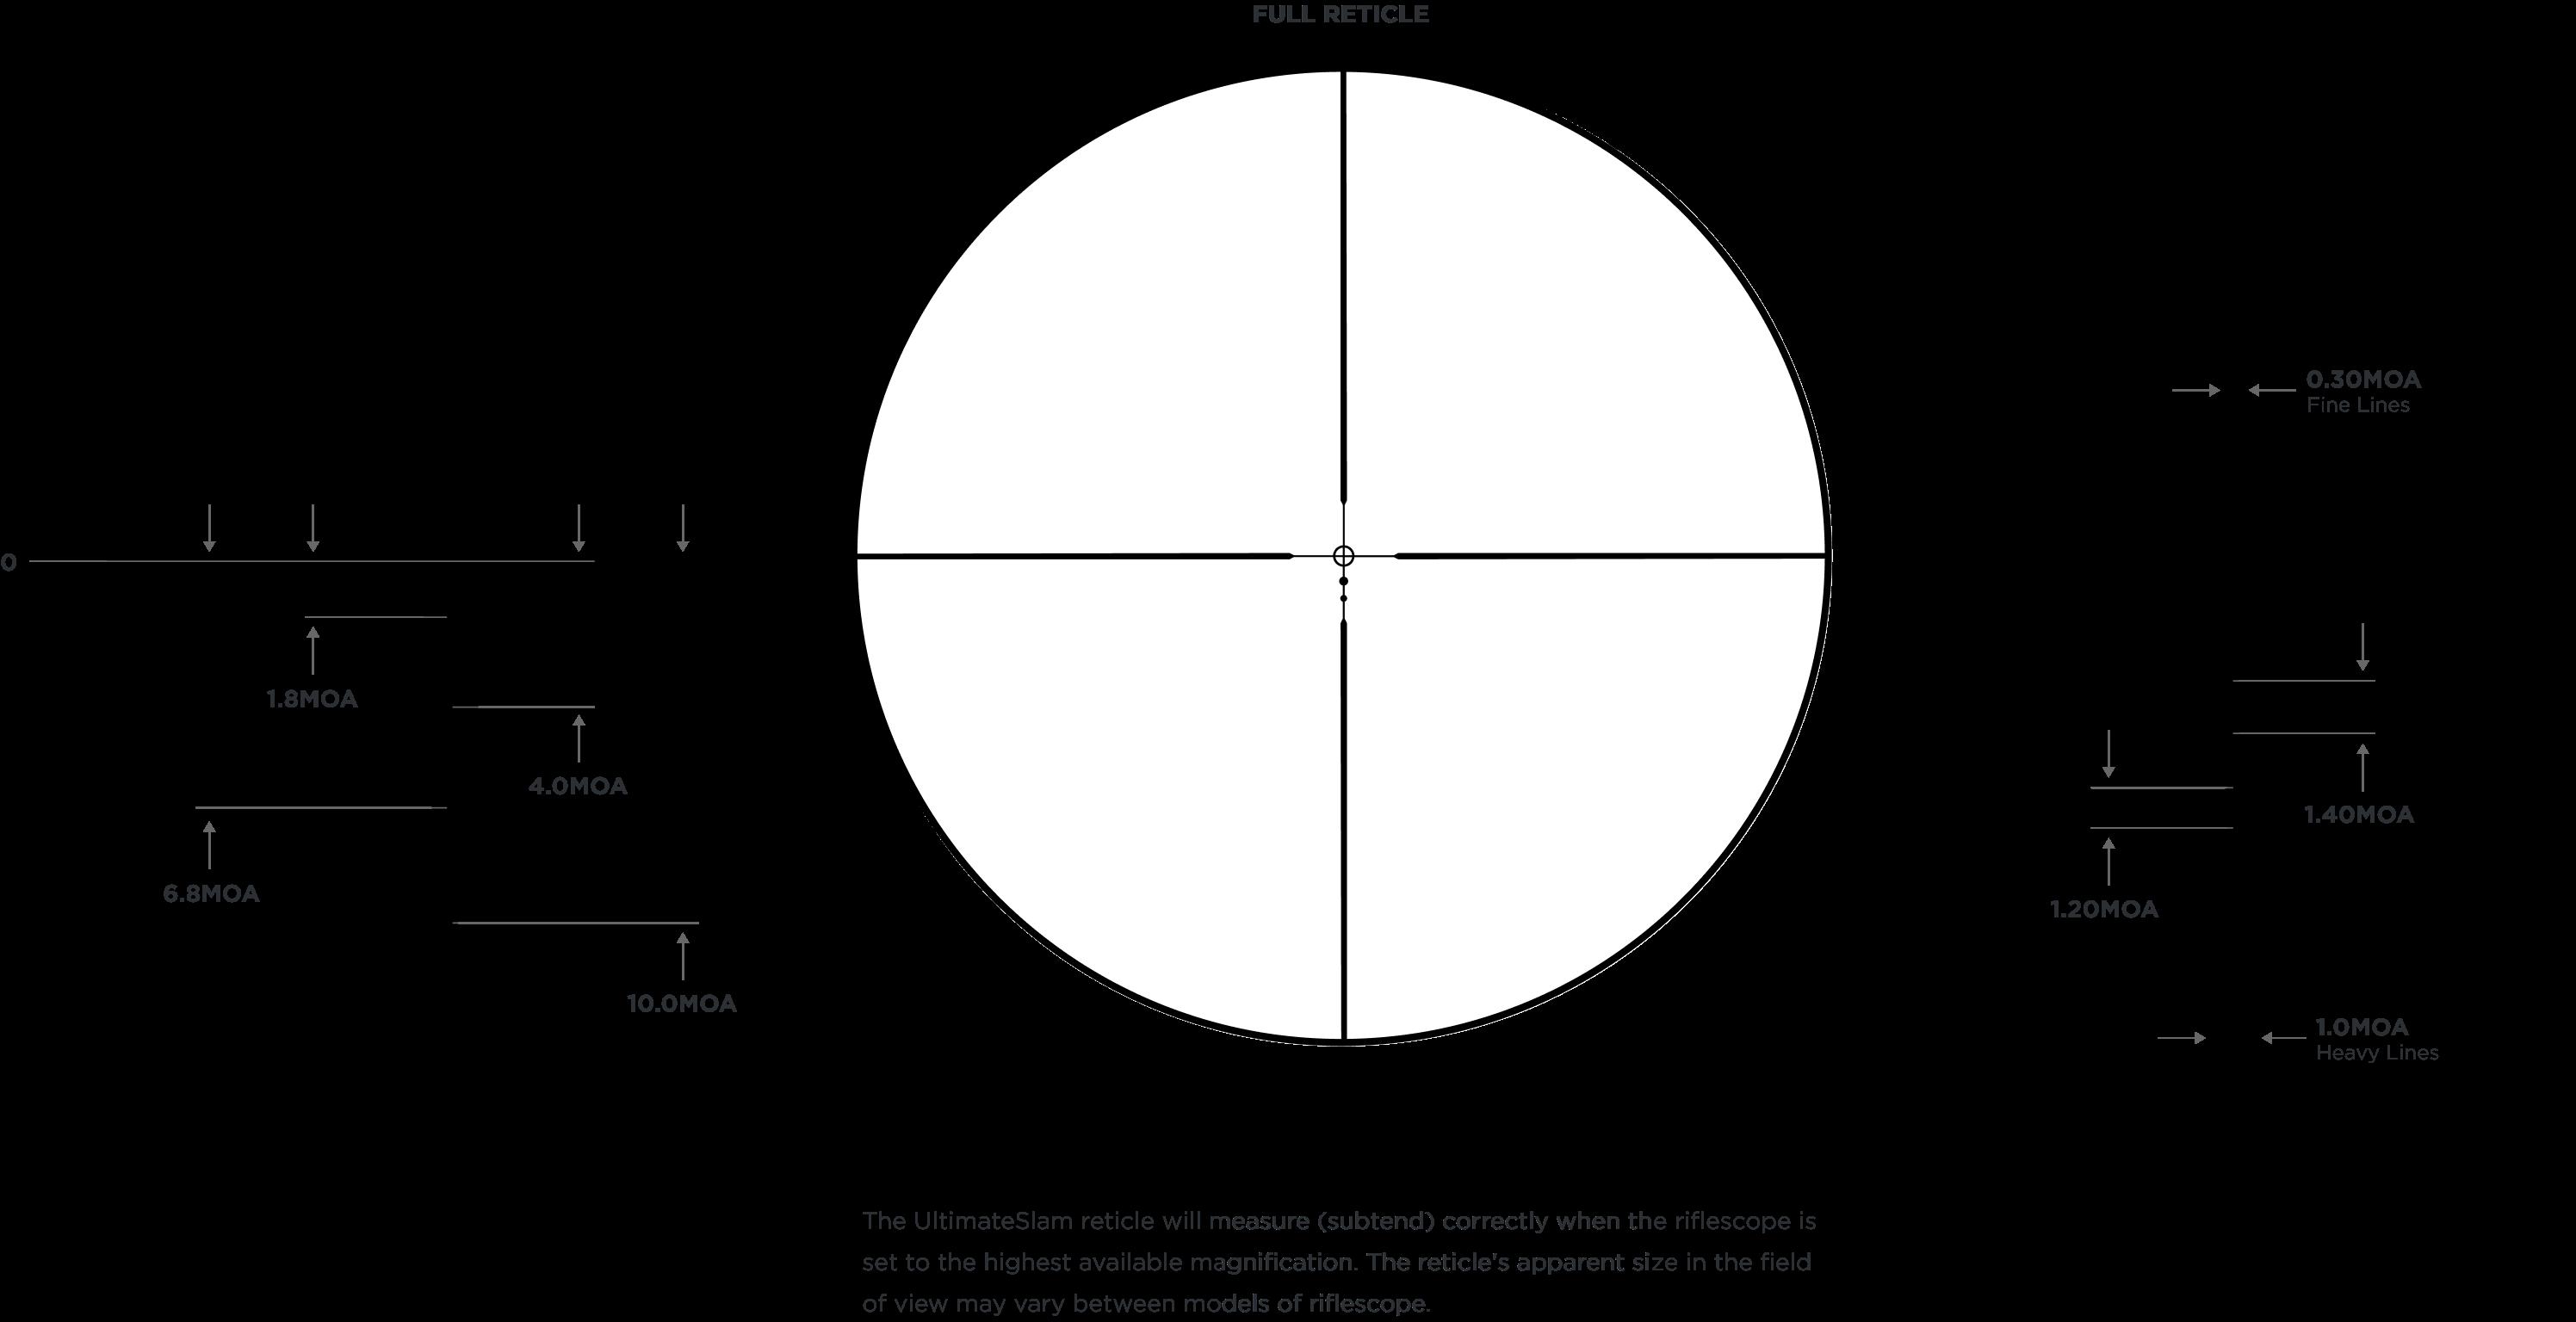 Skip To Content March 2 2021 Jev Portal Pendidikan Era K13 Ktsp Disclaimer Dmca Privacy Policy Jev Portal Pendidikan Era K13 Ktsp Contact About Us News Bahasa Indonesia Ips Matematika Ipa Tempat Pinjam Uang Pribadi Tempat Pinjam Uang